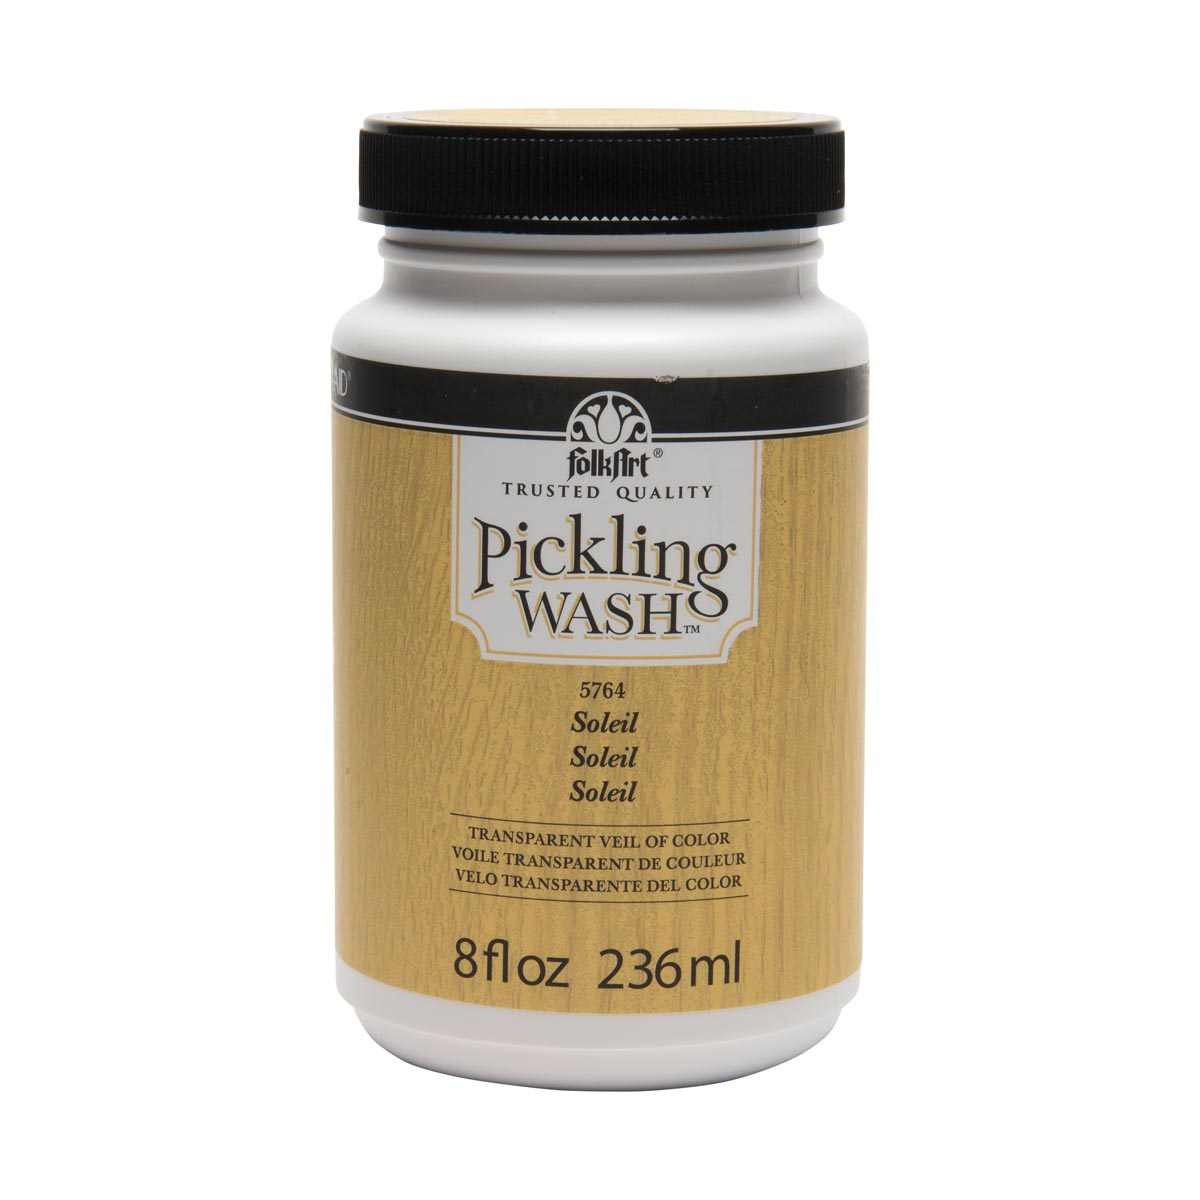 FolkArt ® Pickling Wash™ - Soleil, 8 oz.